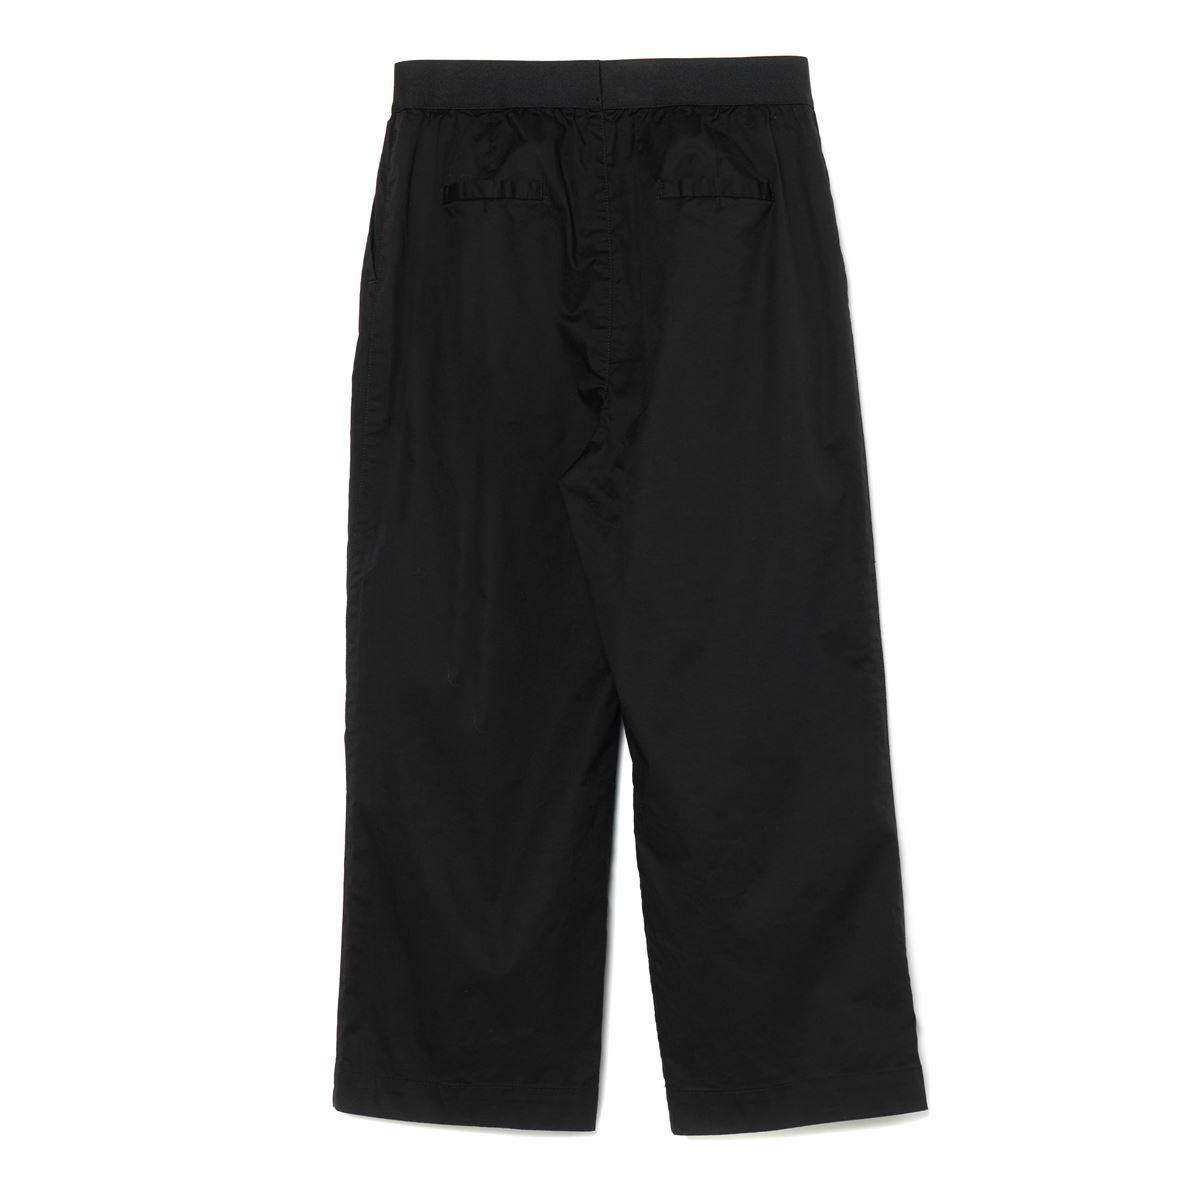 [新入荷][2021春夏]  MAXOU[マクゾゥ]  MA311-3-6052-09BLACK パンツ ブラック